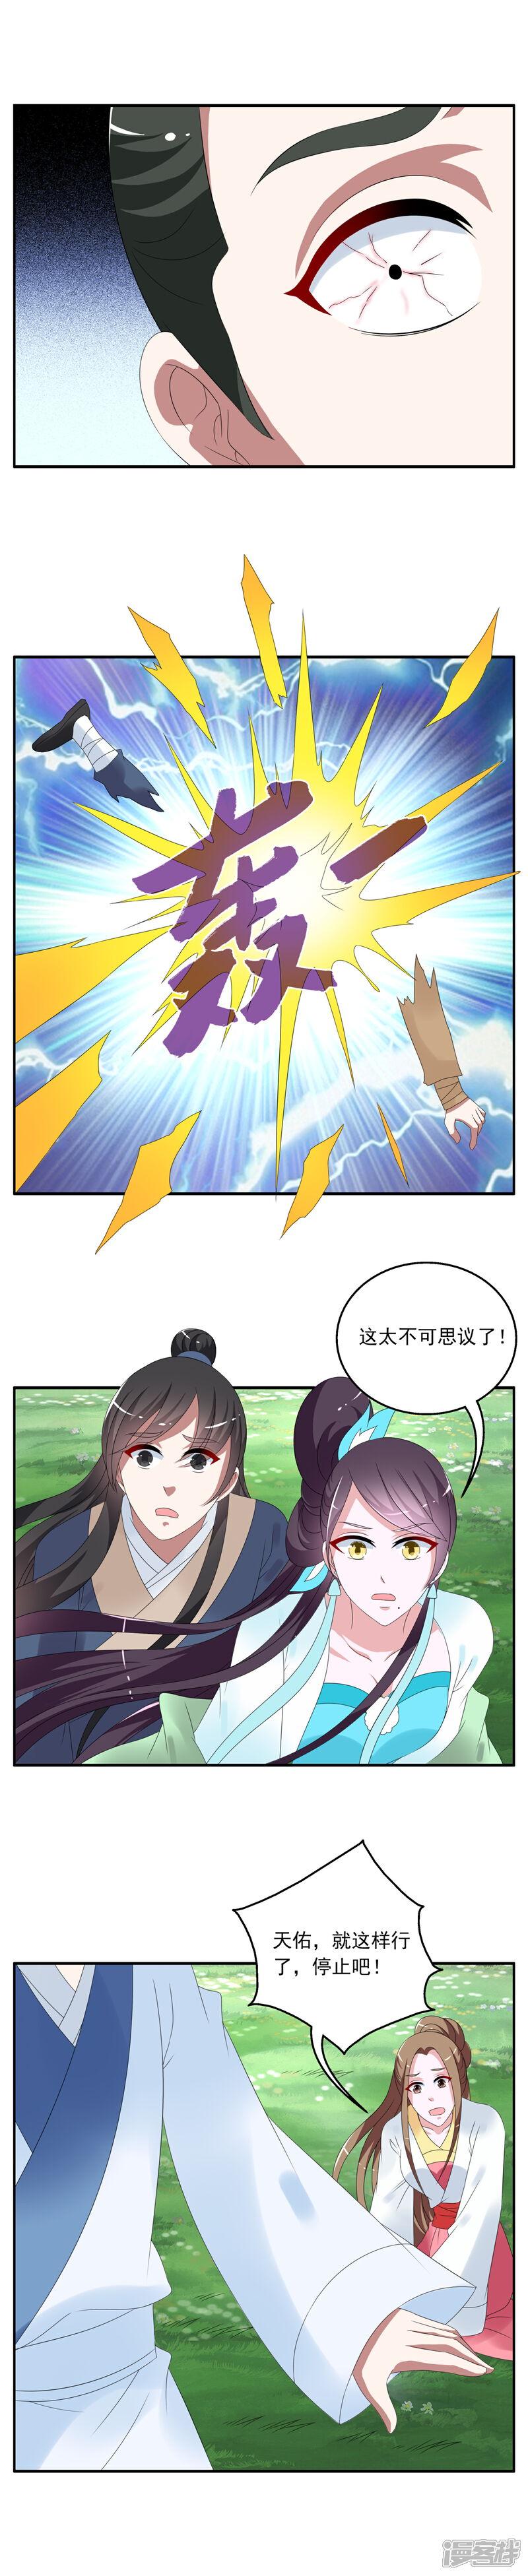 洛小妖149 (6).JPG